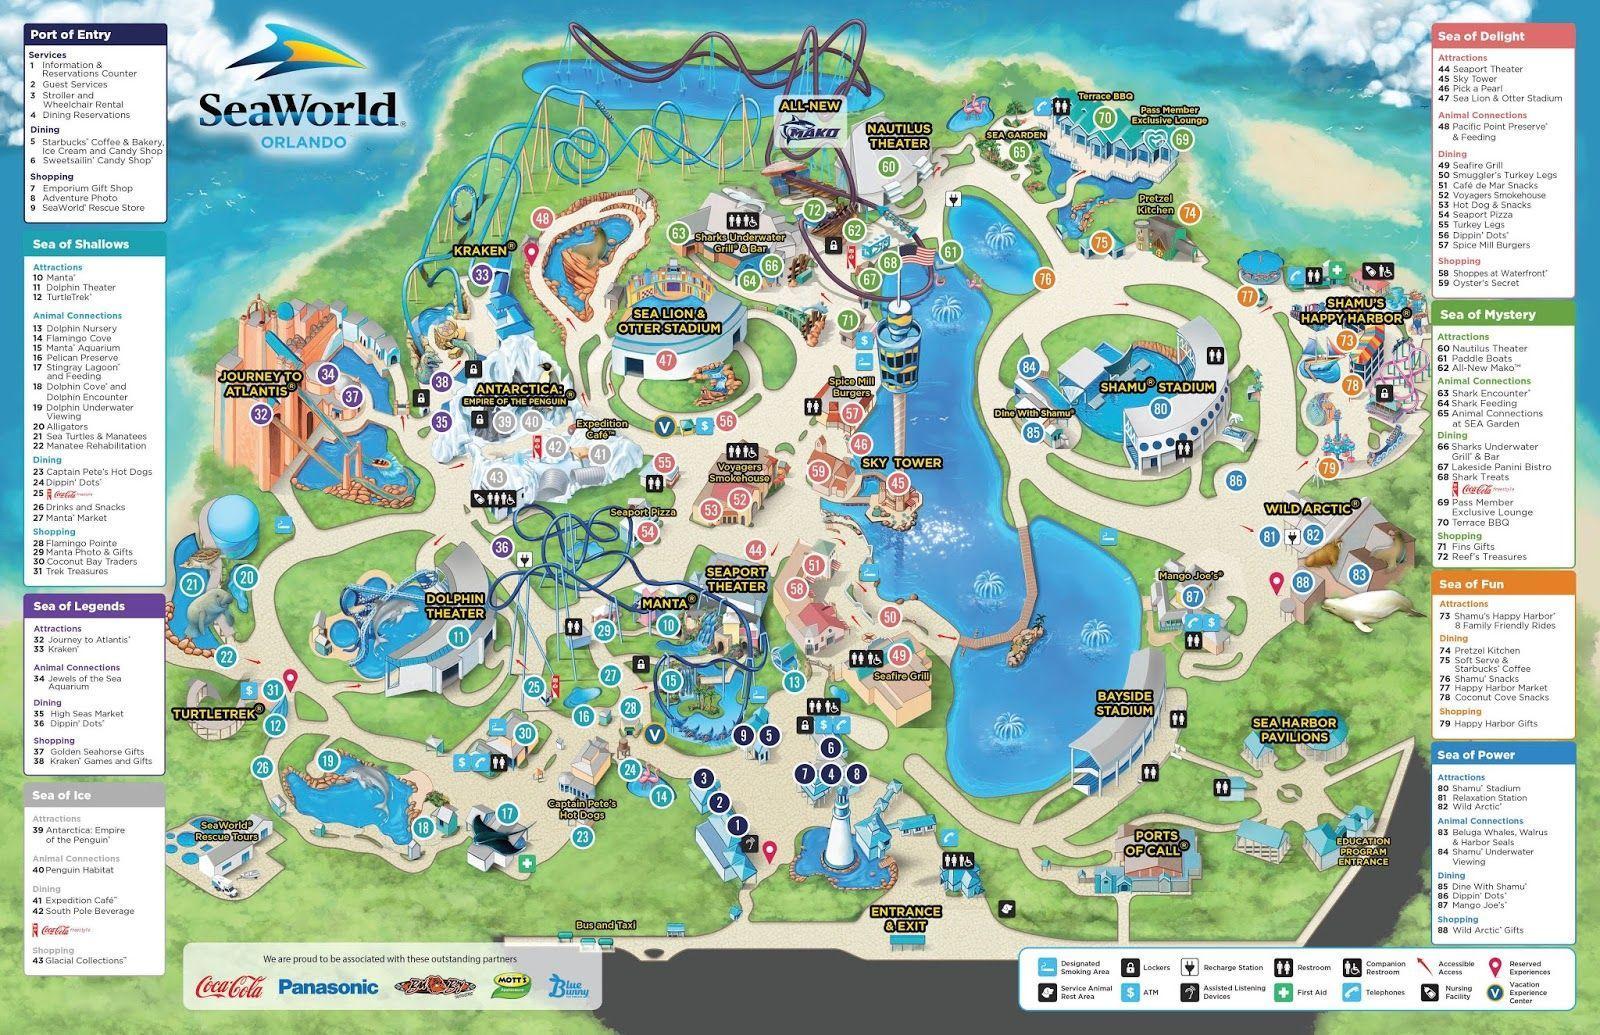 Seaworld Orlando Map - Map Of Seaworld (Florida - Usa) - Printable Sea World Map